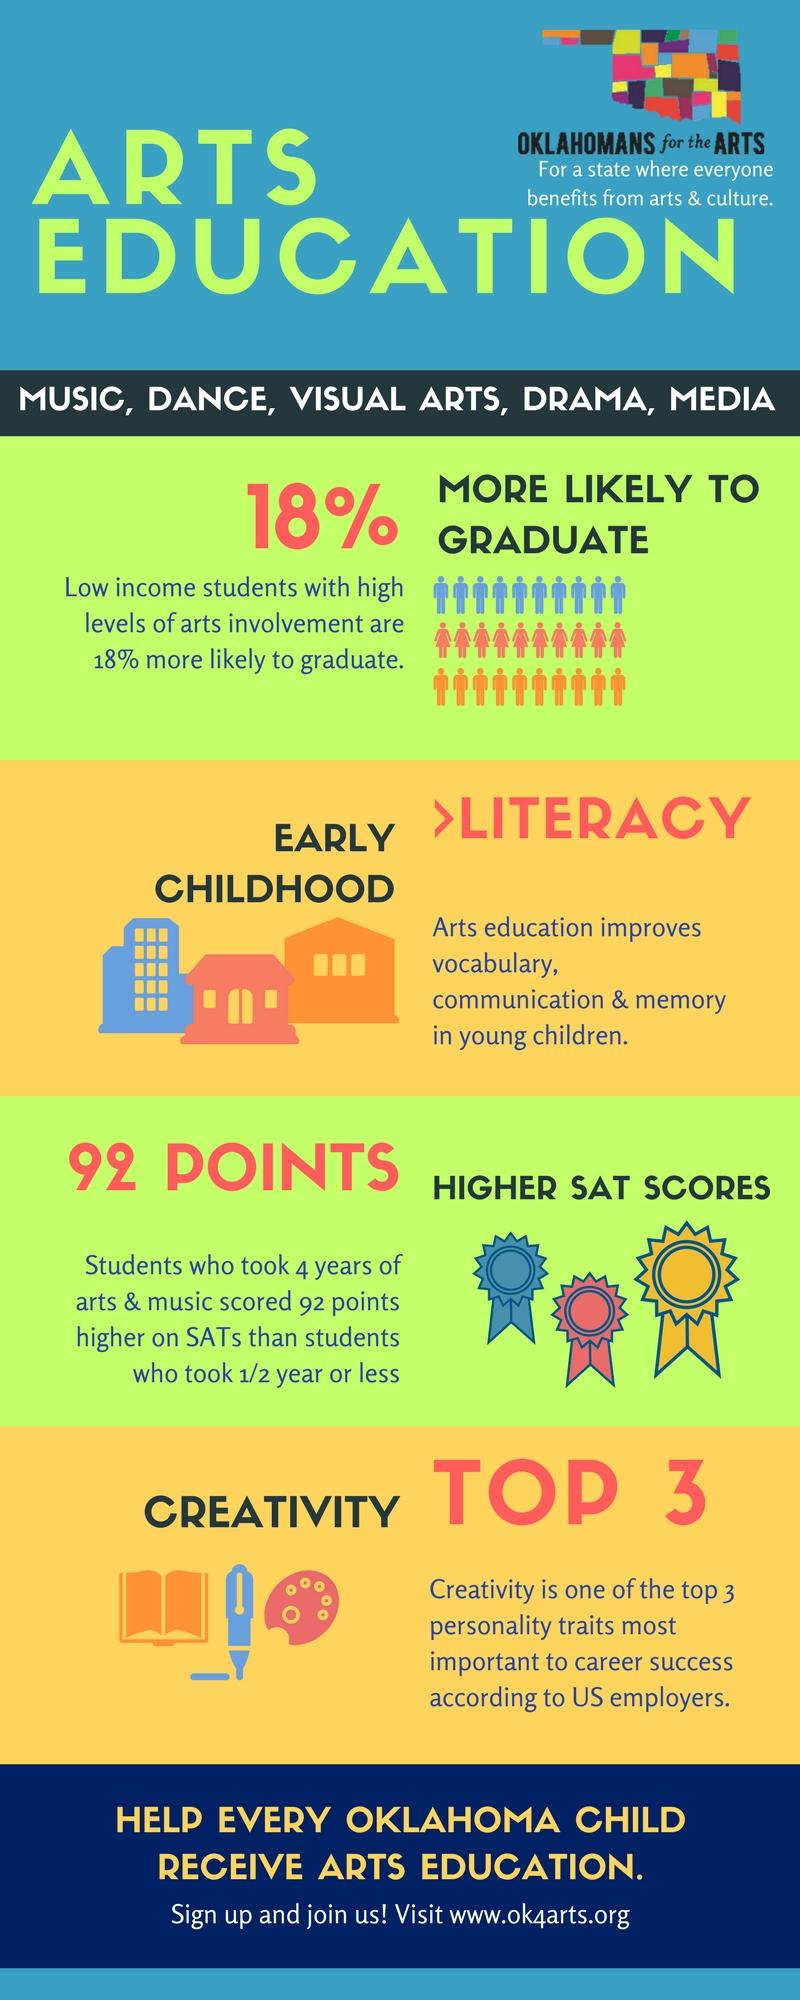 2018-OFTA-Arts-Education-Why.jpg